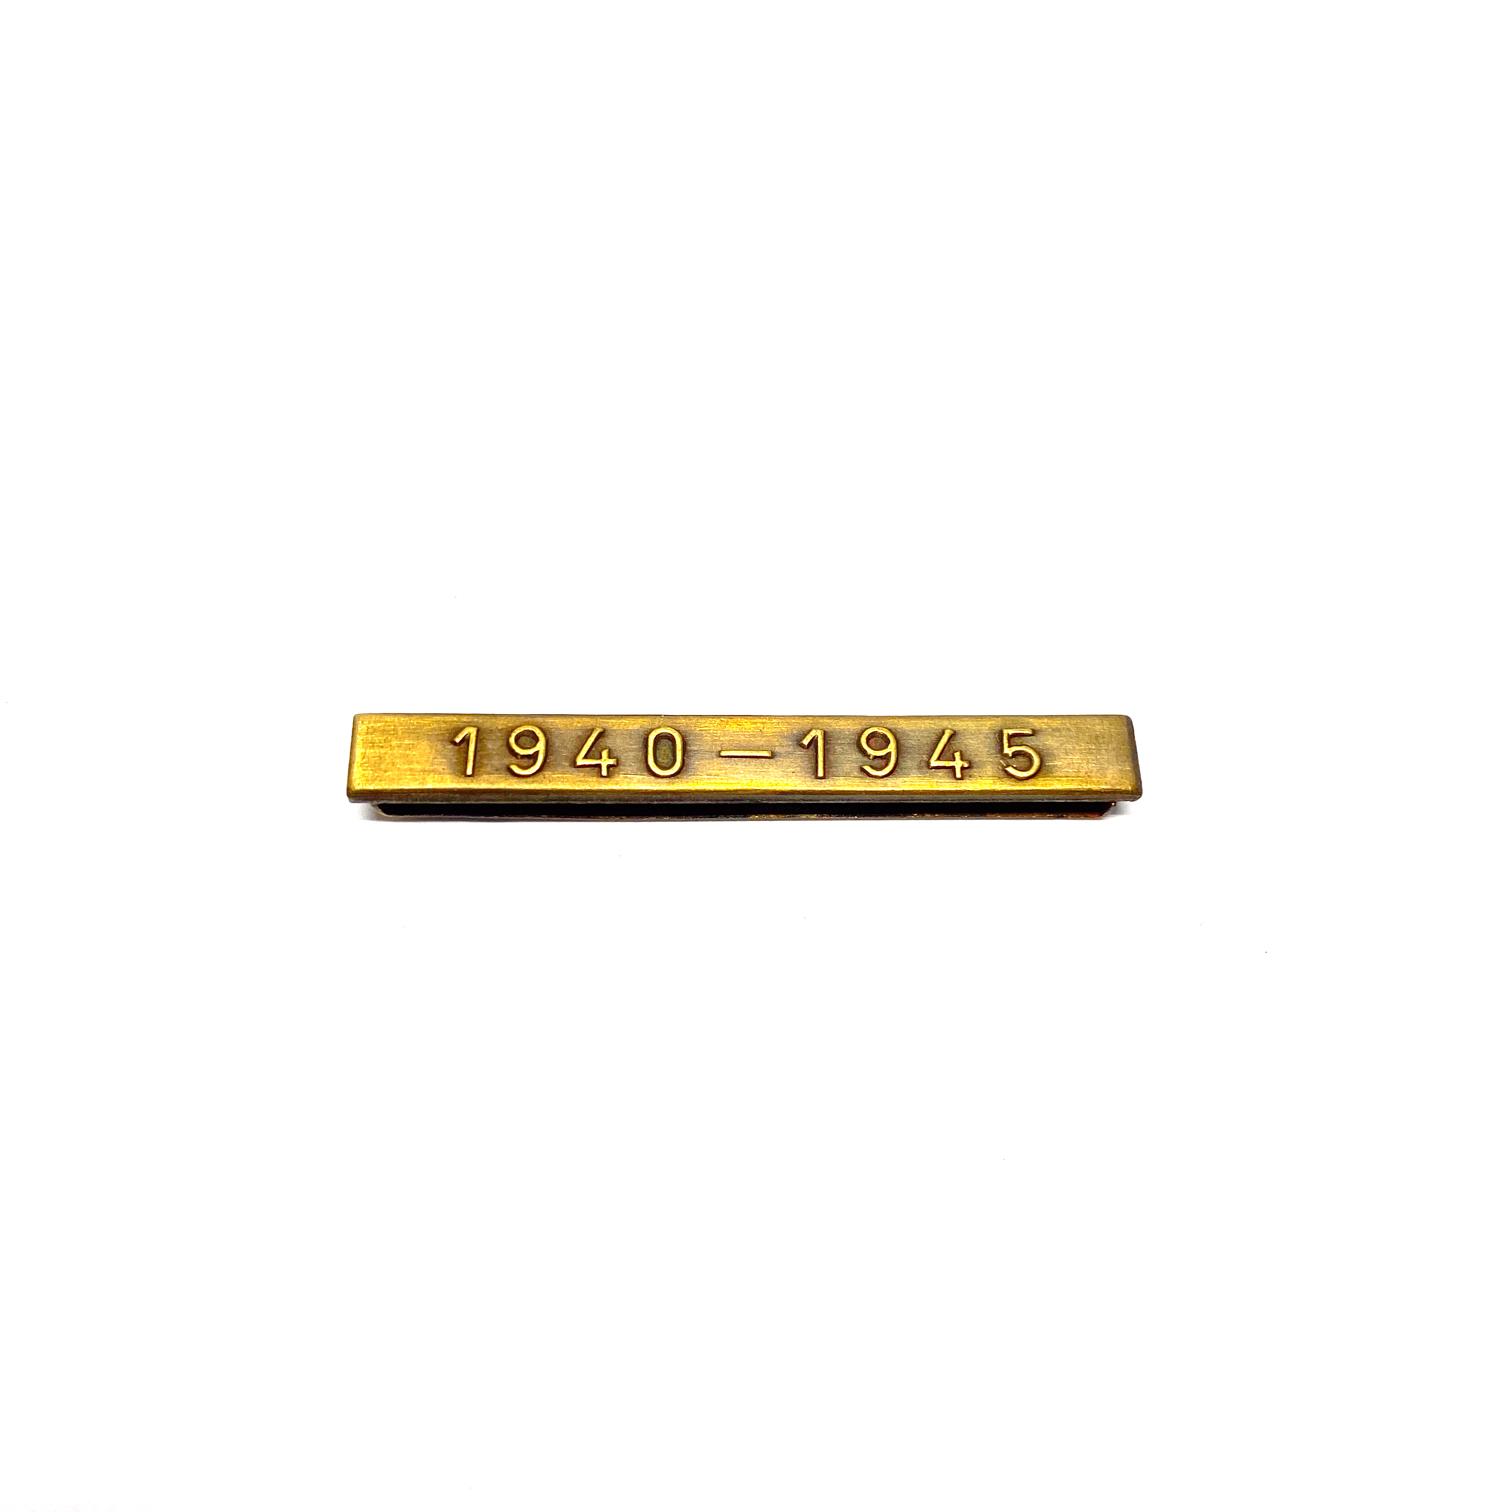 Bar 1940-1945 for war medals